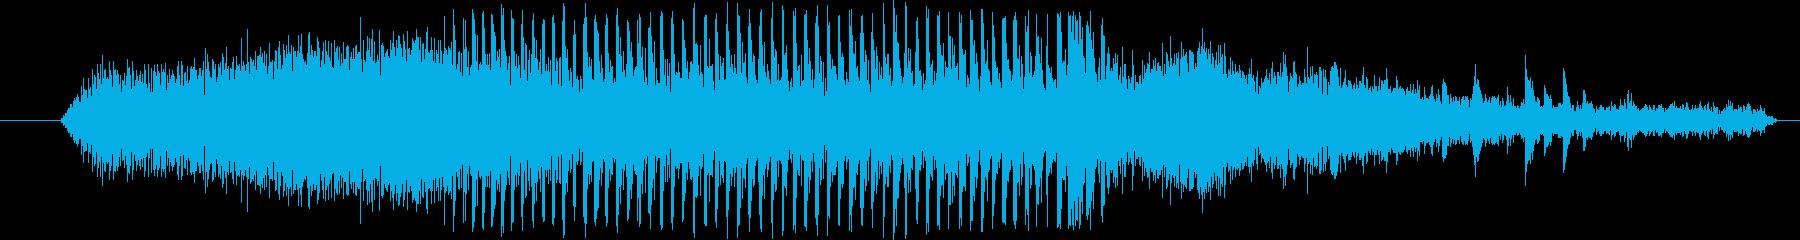 機械 ドリルストーン01の再生済みの波形